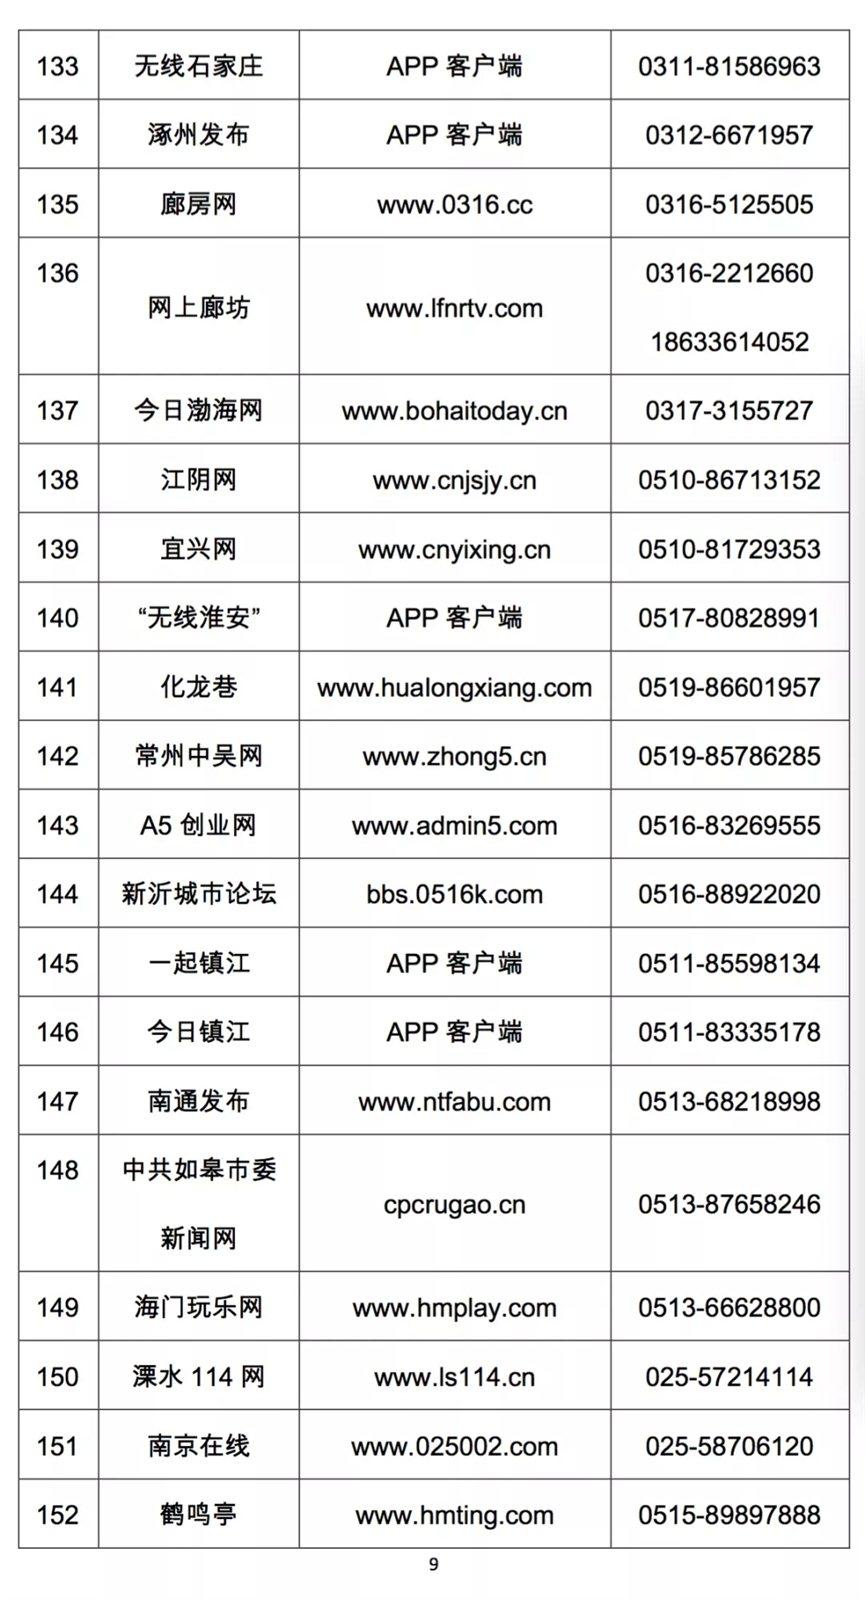 """抖音、拼多多、南京在線等567家網站公布""""舉報受理""""方式"""